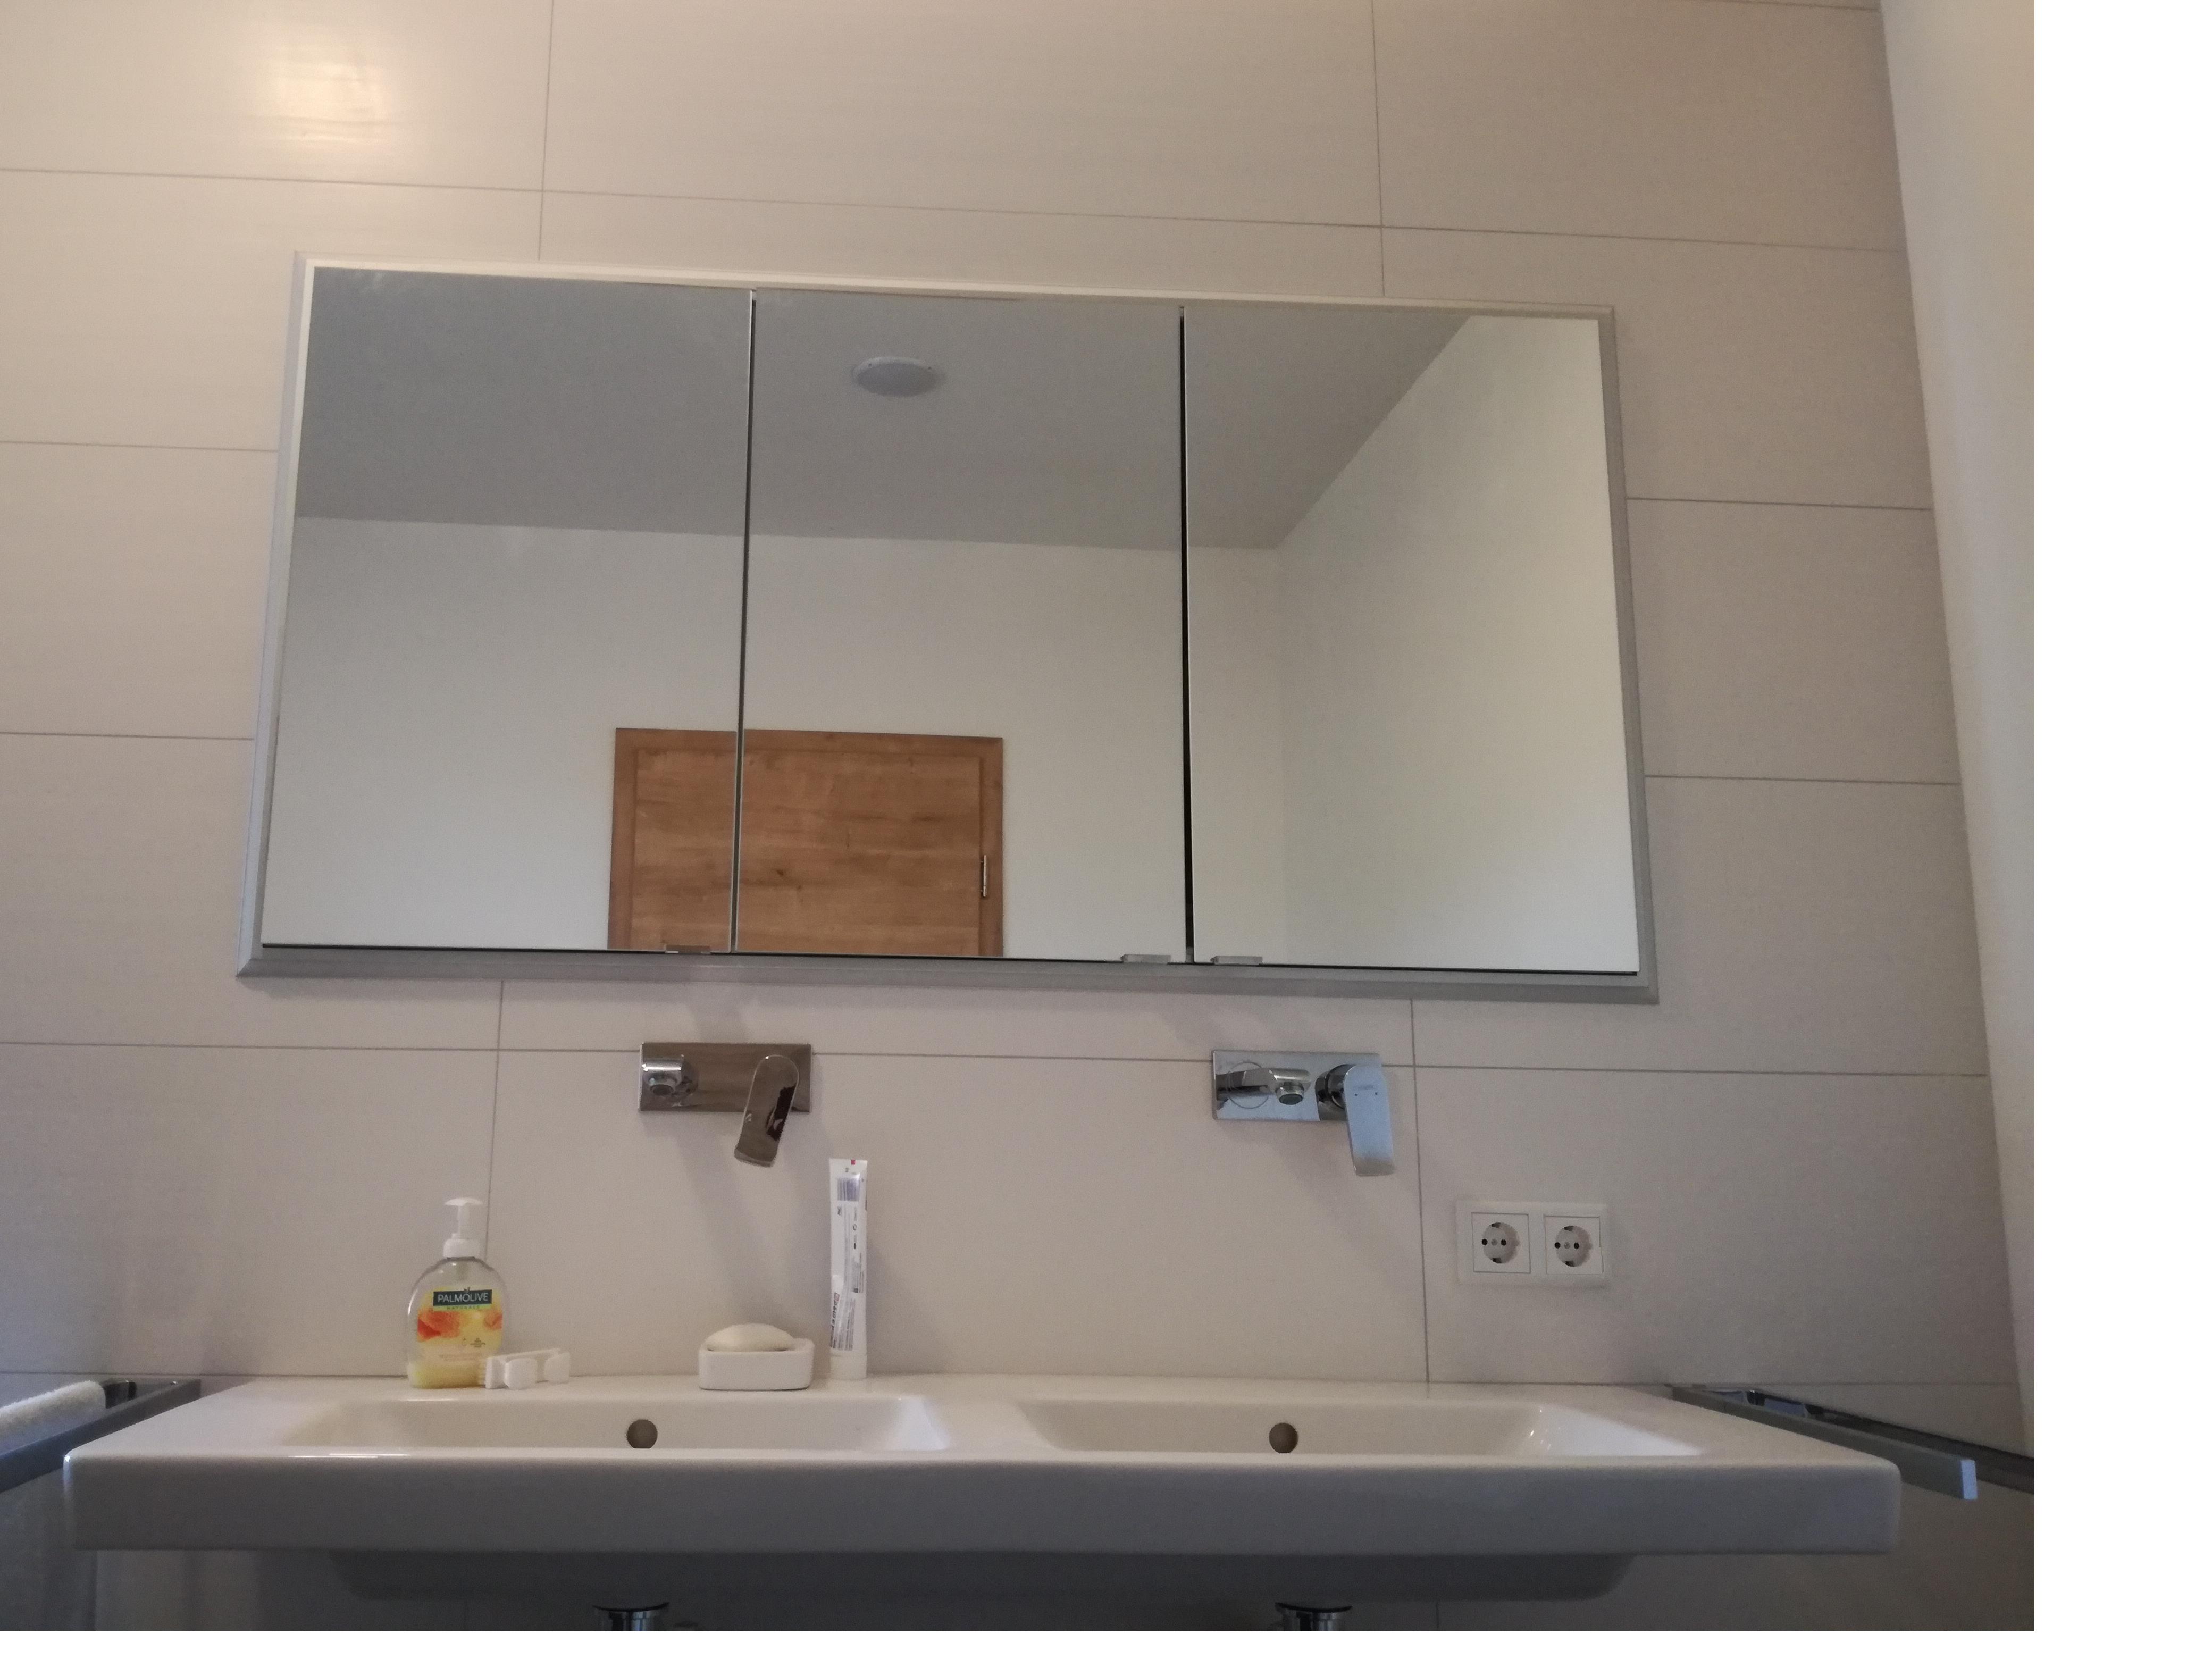 Doppelwaschtisch mit Wandarmaturen und einbautem Spiegelschrank